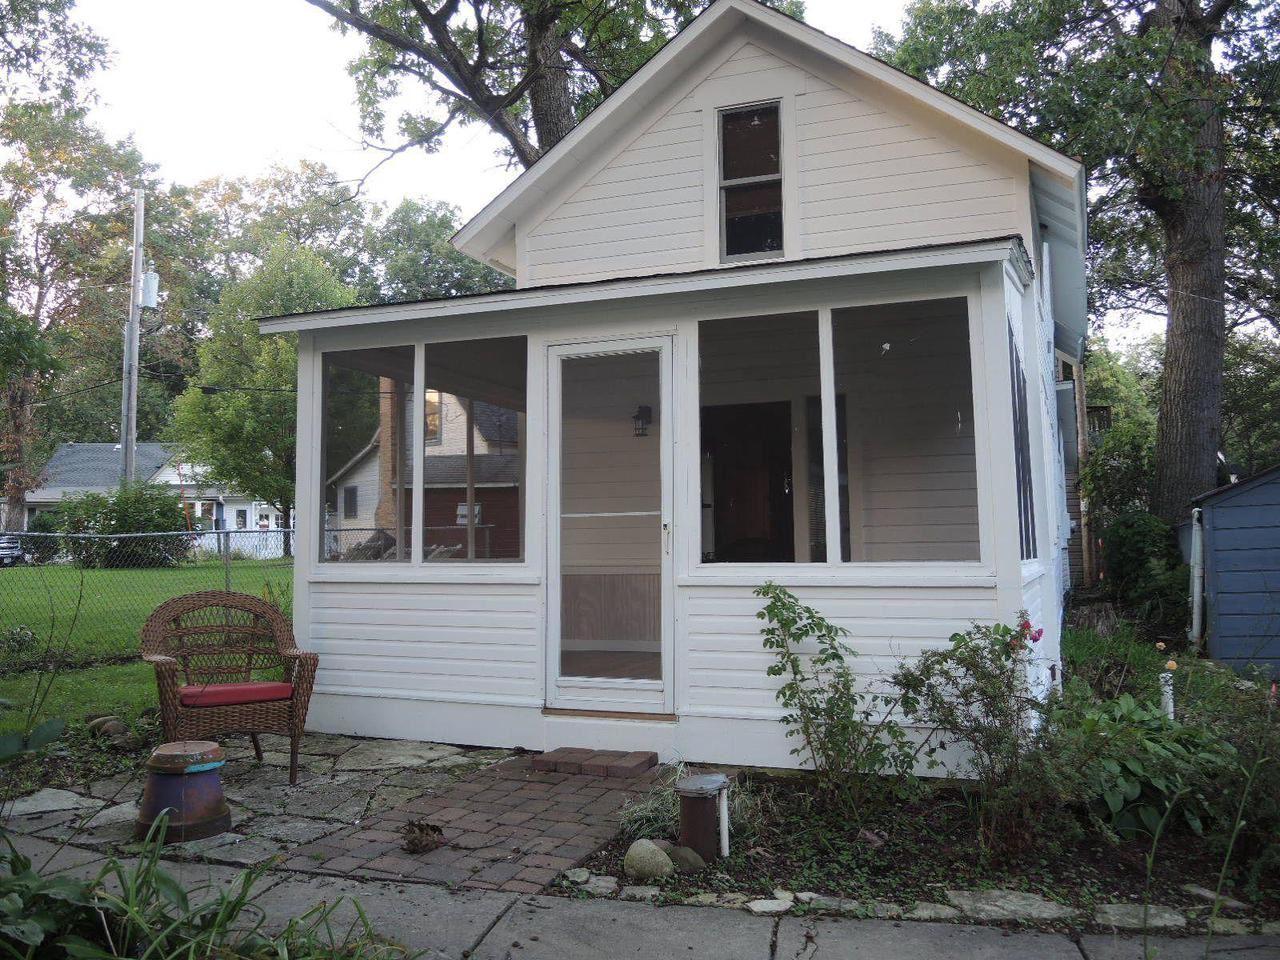 2504 Rockford Colony Ln, Delavan, WI 53115 - MLS#: 1664183